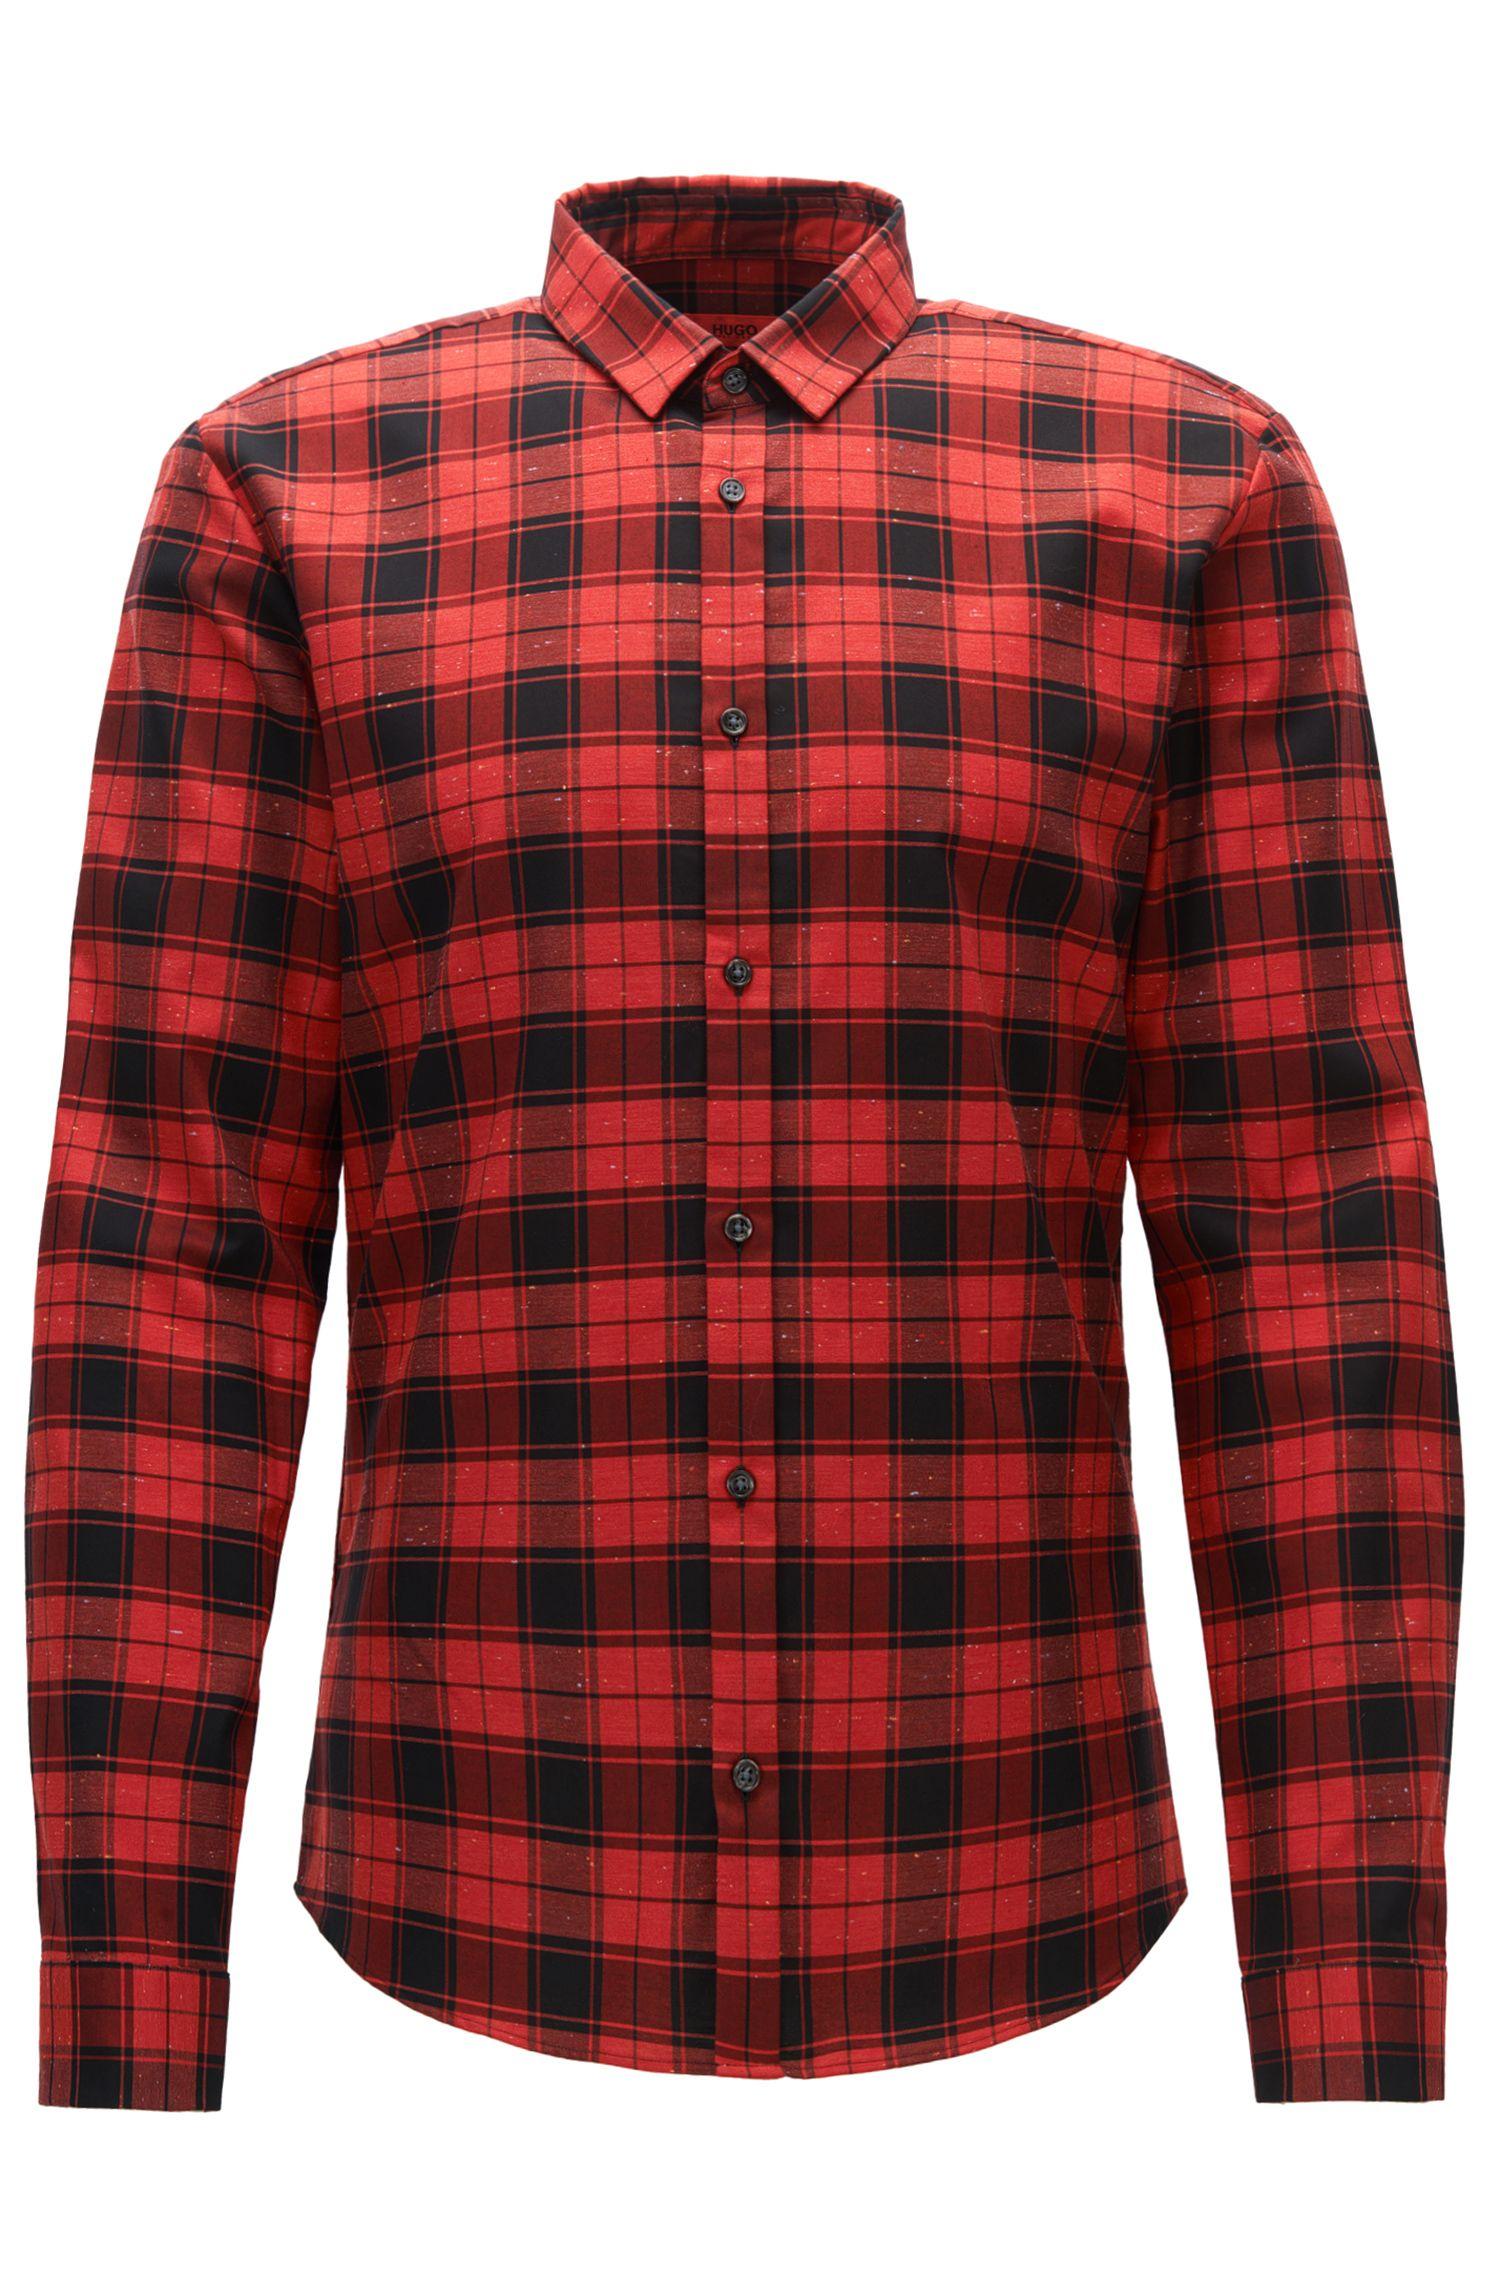 Plaid Slub Cotton Sport Shirt, Extra-Slim Fit   Ero